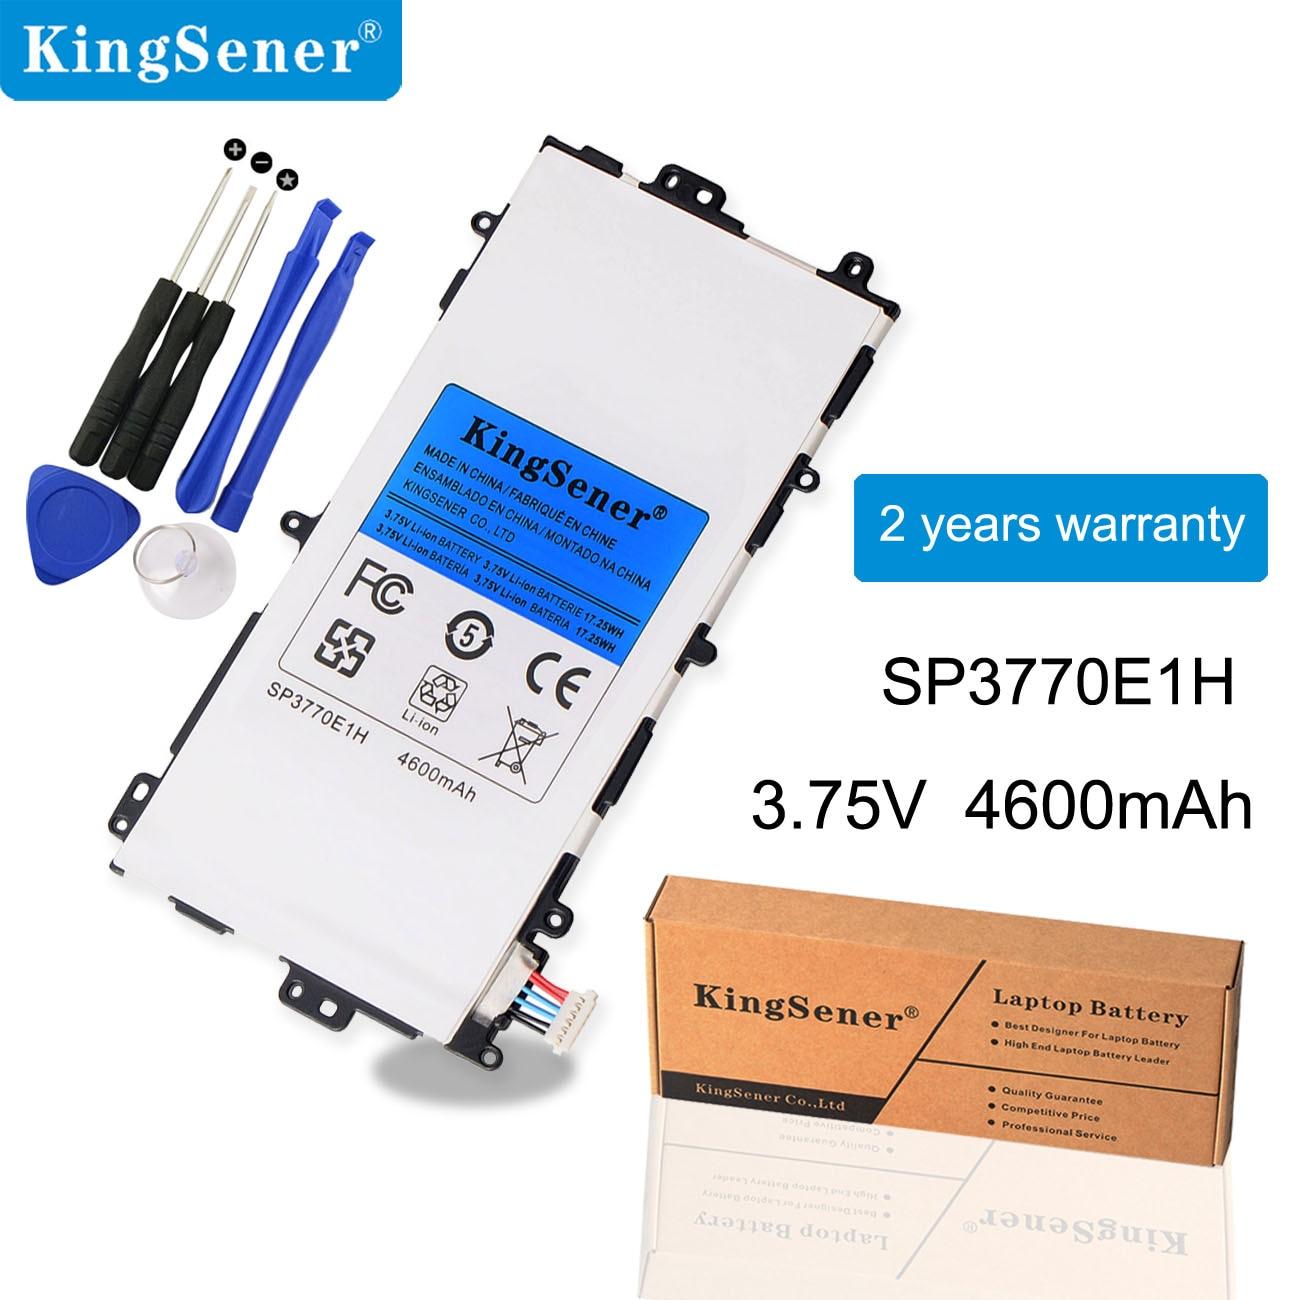 Kingsener SP3770E1H Tablet Battery N5100 N5120 For Samsung Galaxy Note 8.0 8 3G GT-N5100 GT-N5110 Tablet Tab Batteries